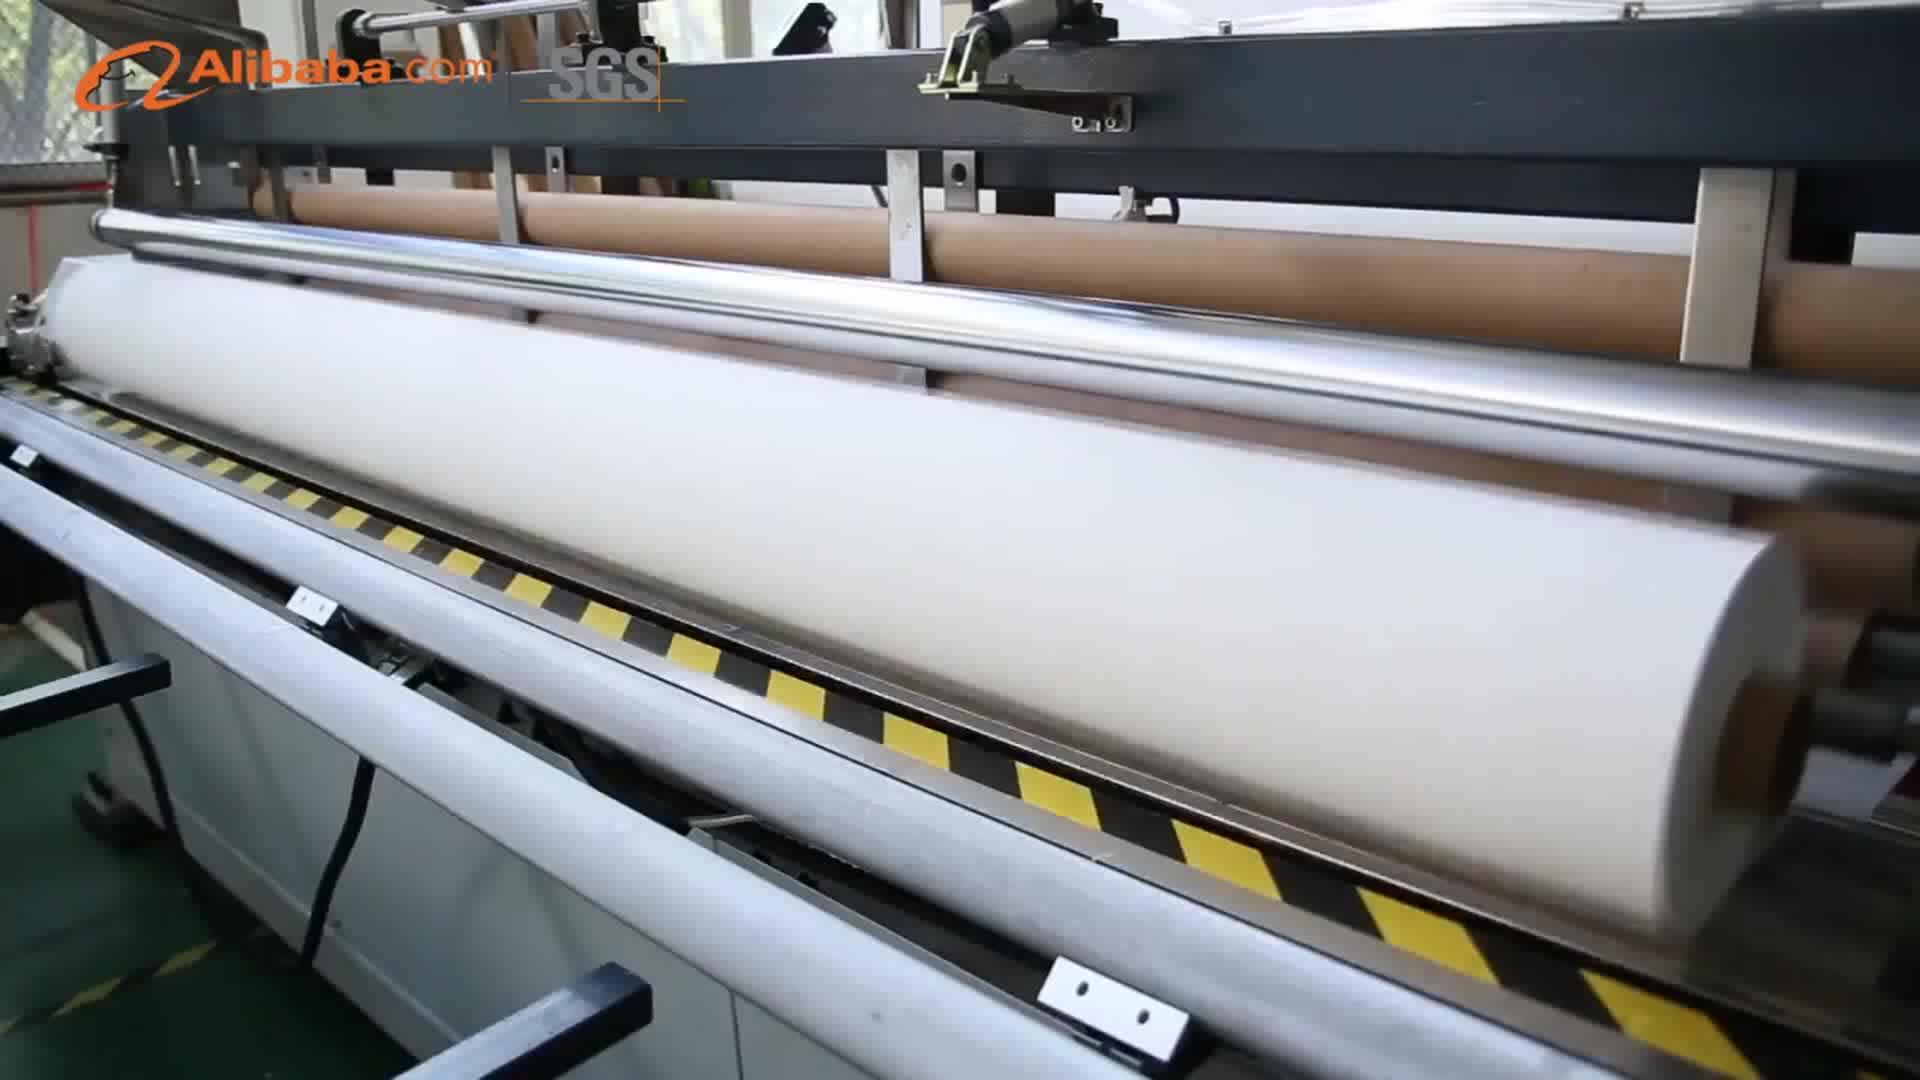 Multifunctionele kliniek papier multifunctionele kliniek designer papieren handdoek